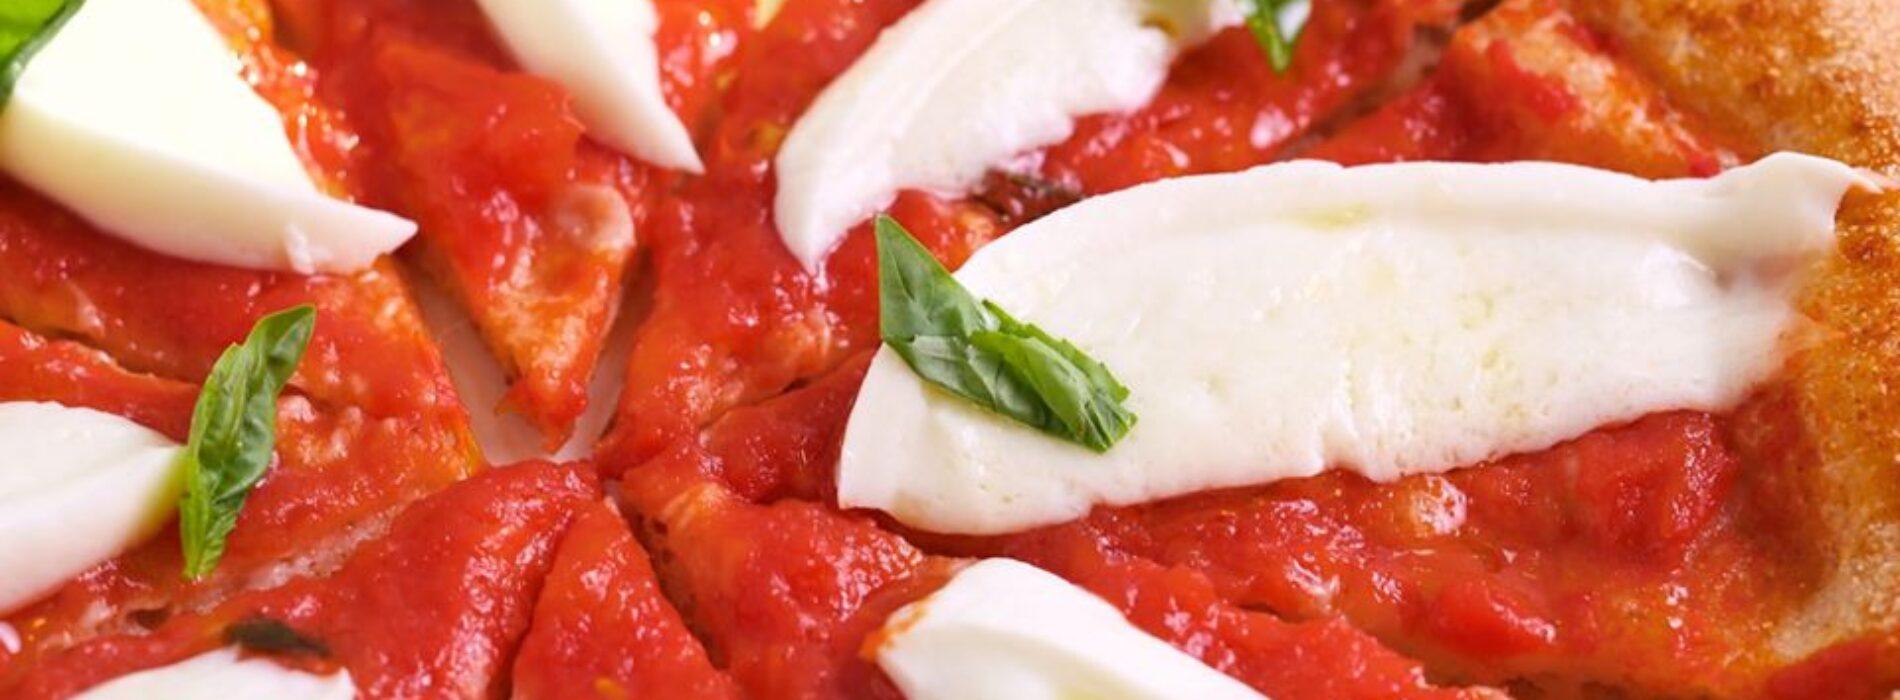 Le migliori pizzerie di Roma: i locali dove mangiare pizza tradizionale e gourmet (alta o scrocchiarella)